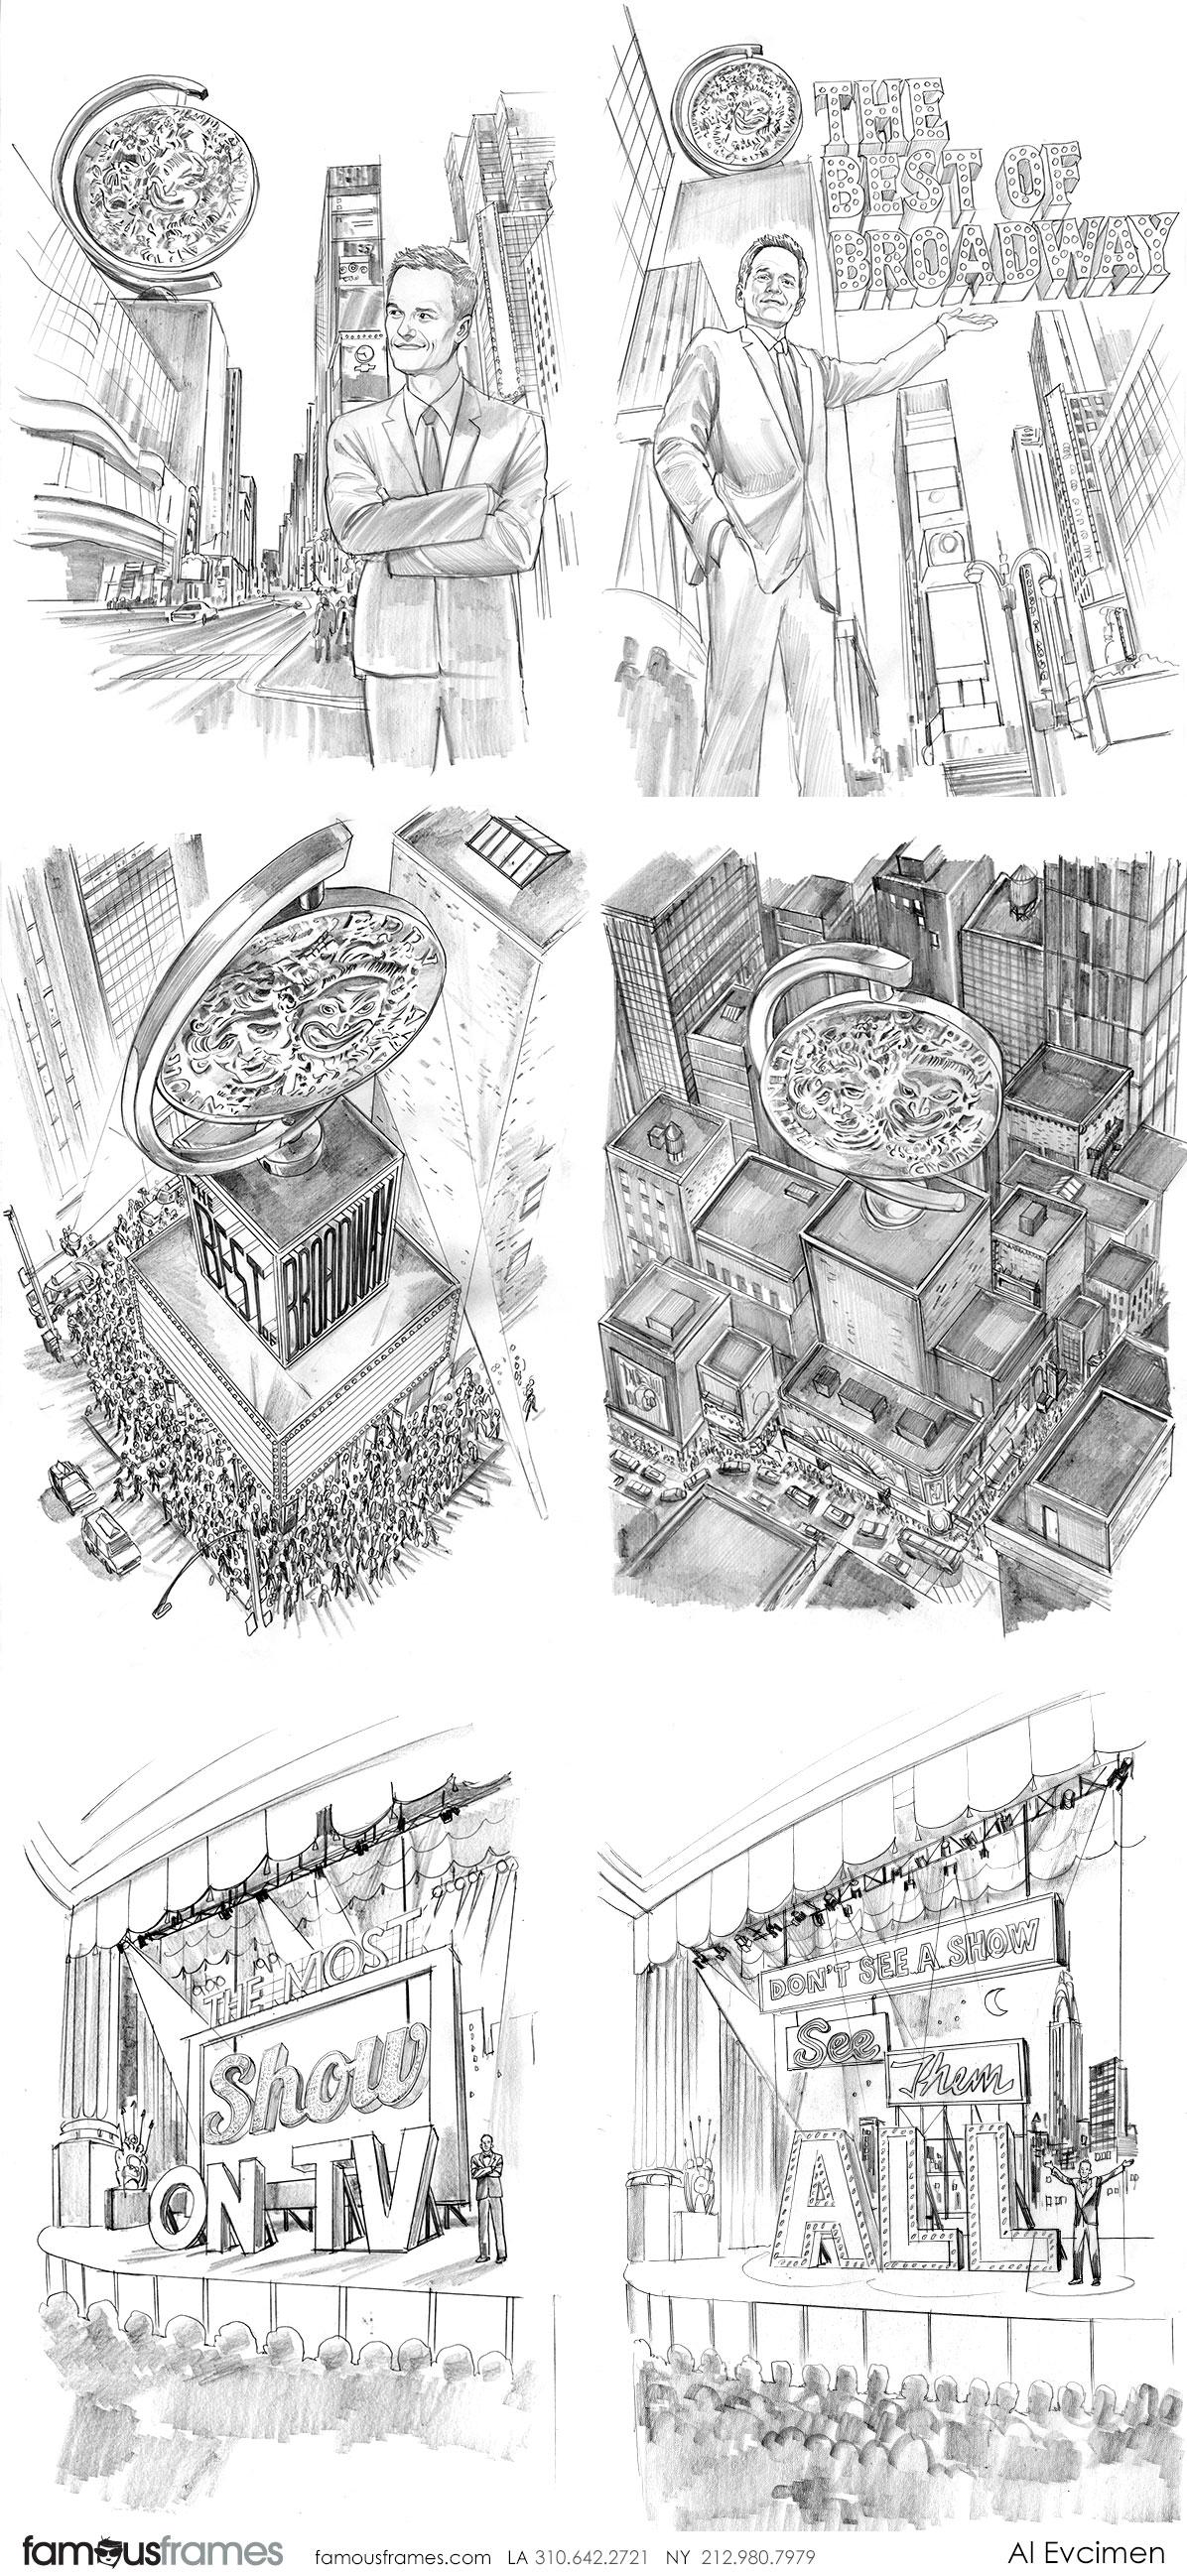 Al Evcimen's People - B&W Tone storyboard art (Image #7229_113_1483475565)